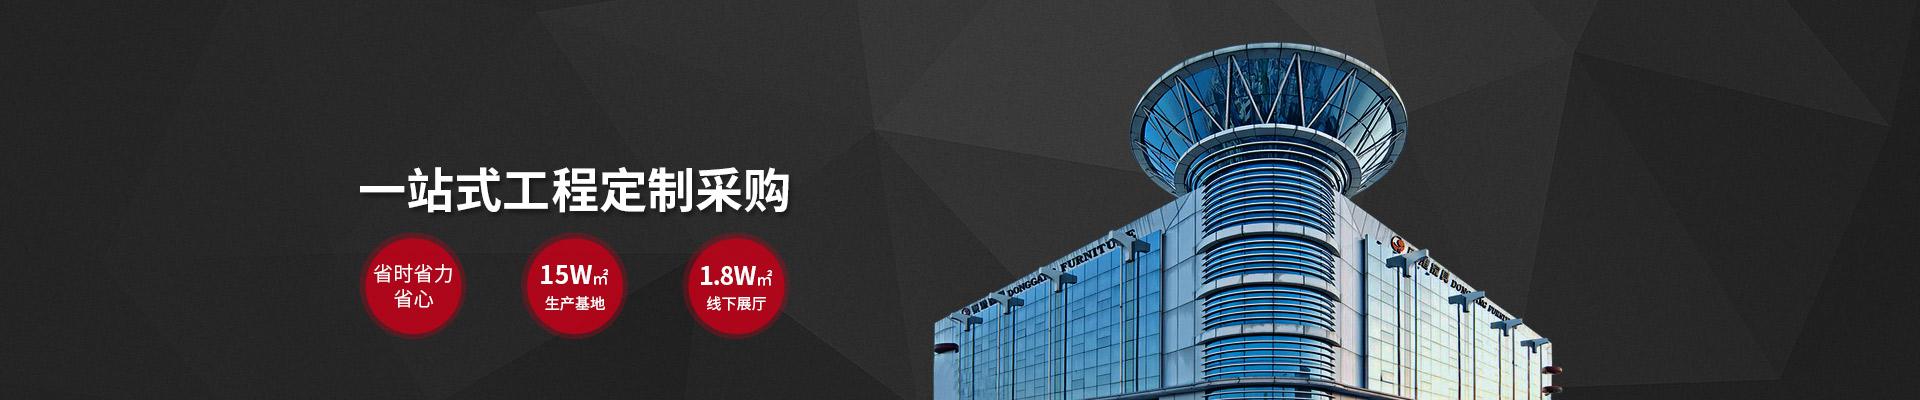 东港家具-5万㎡生产基地,18000㎡线下展厅